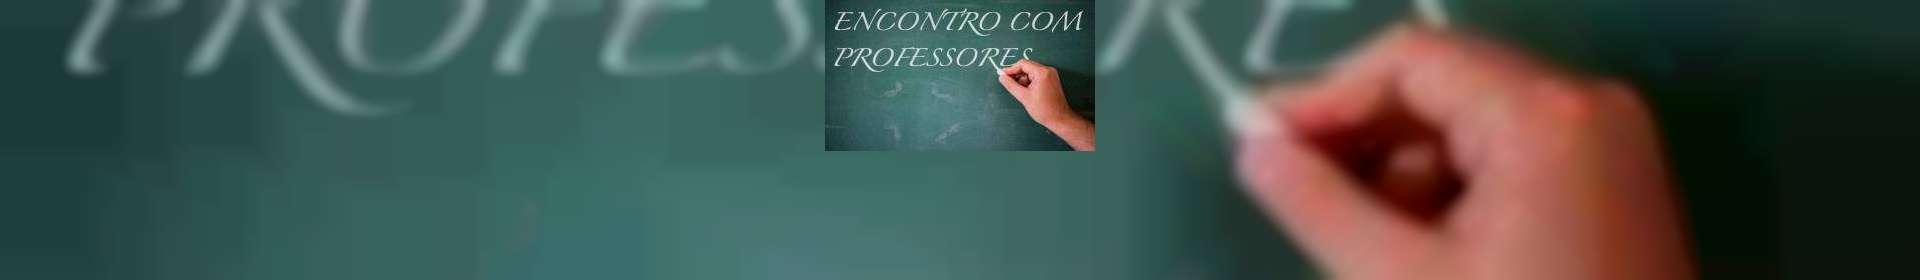 A Firmeza de Ester - Encontro com Professores